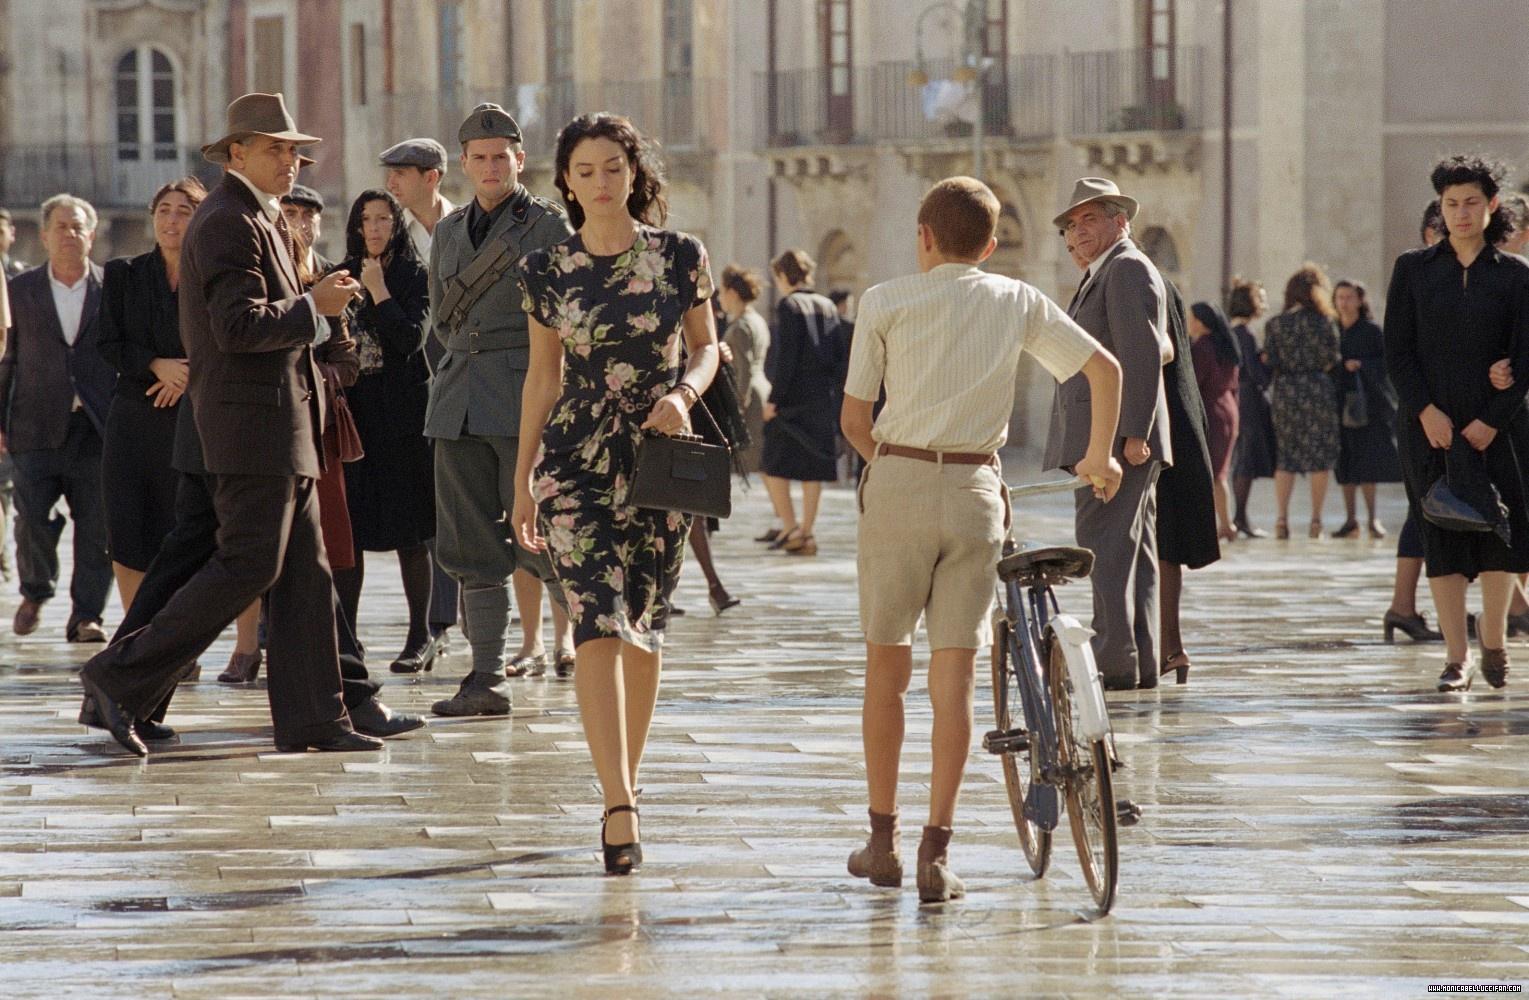 #经典看电影#一部充满风情的经典老片,让人大饱眼福